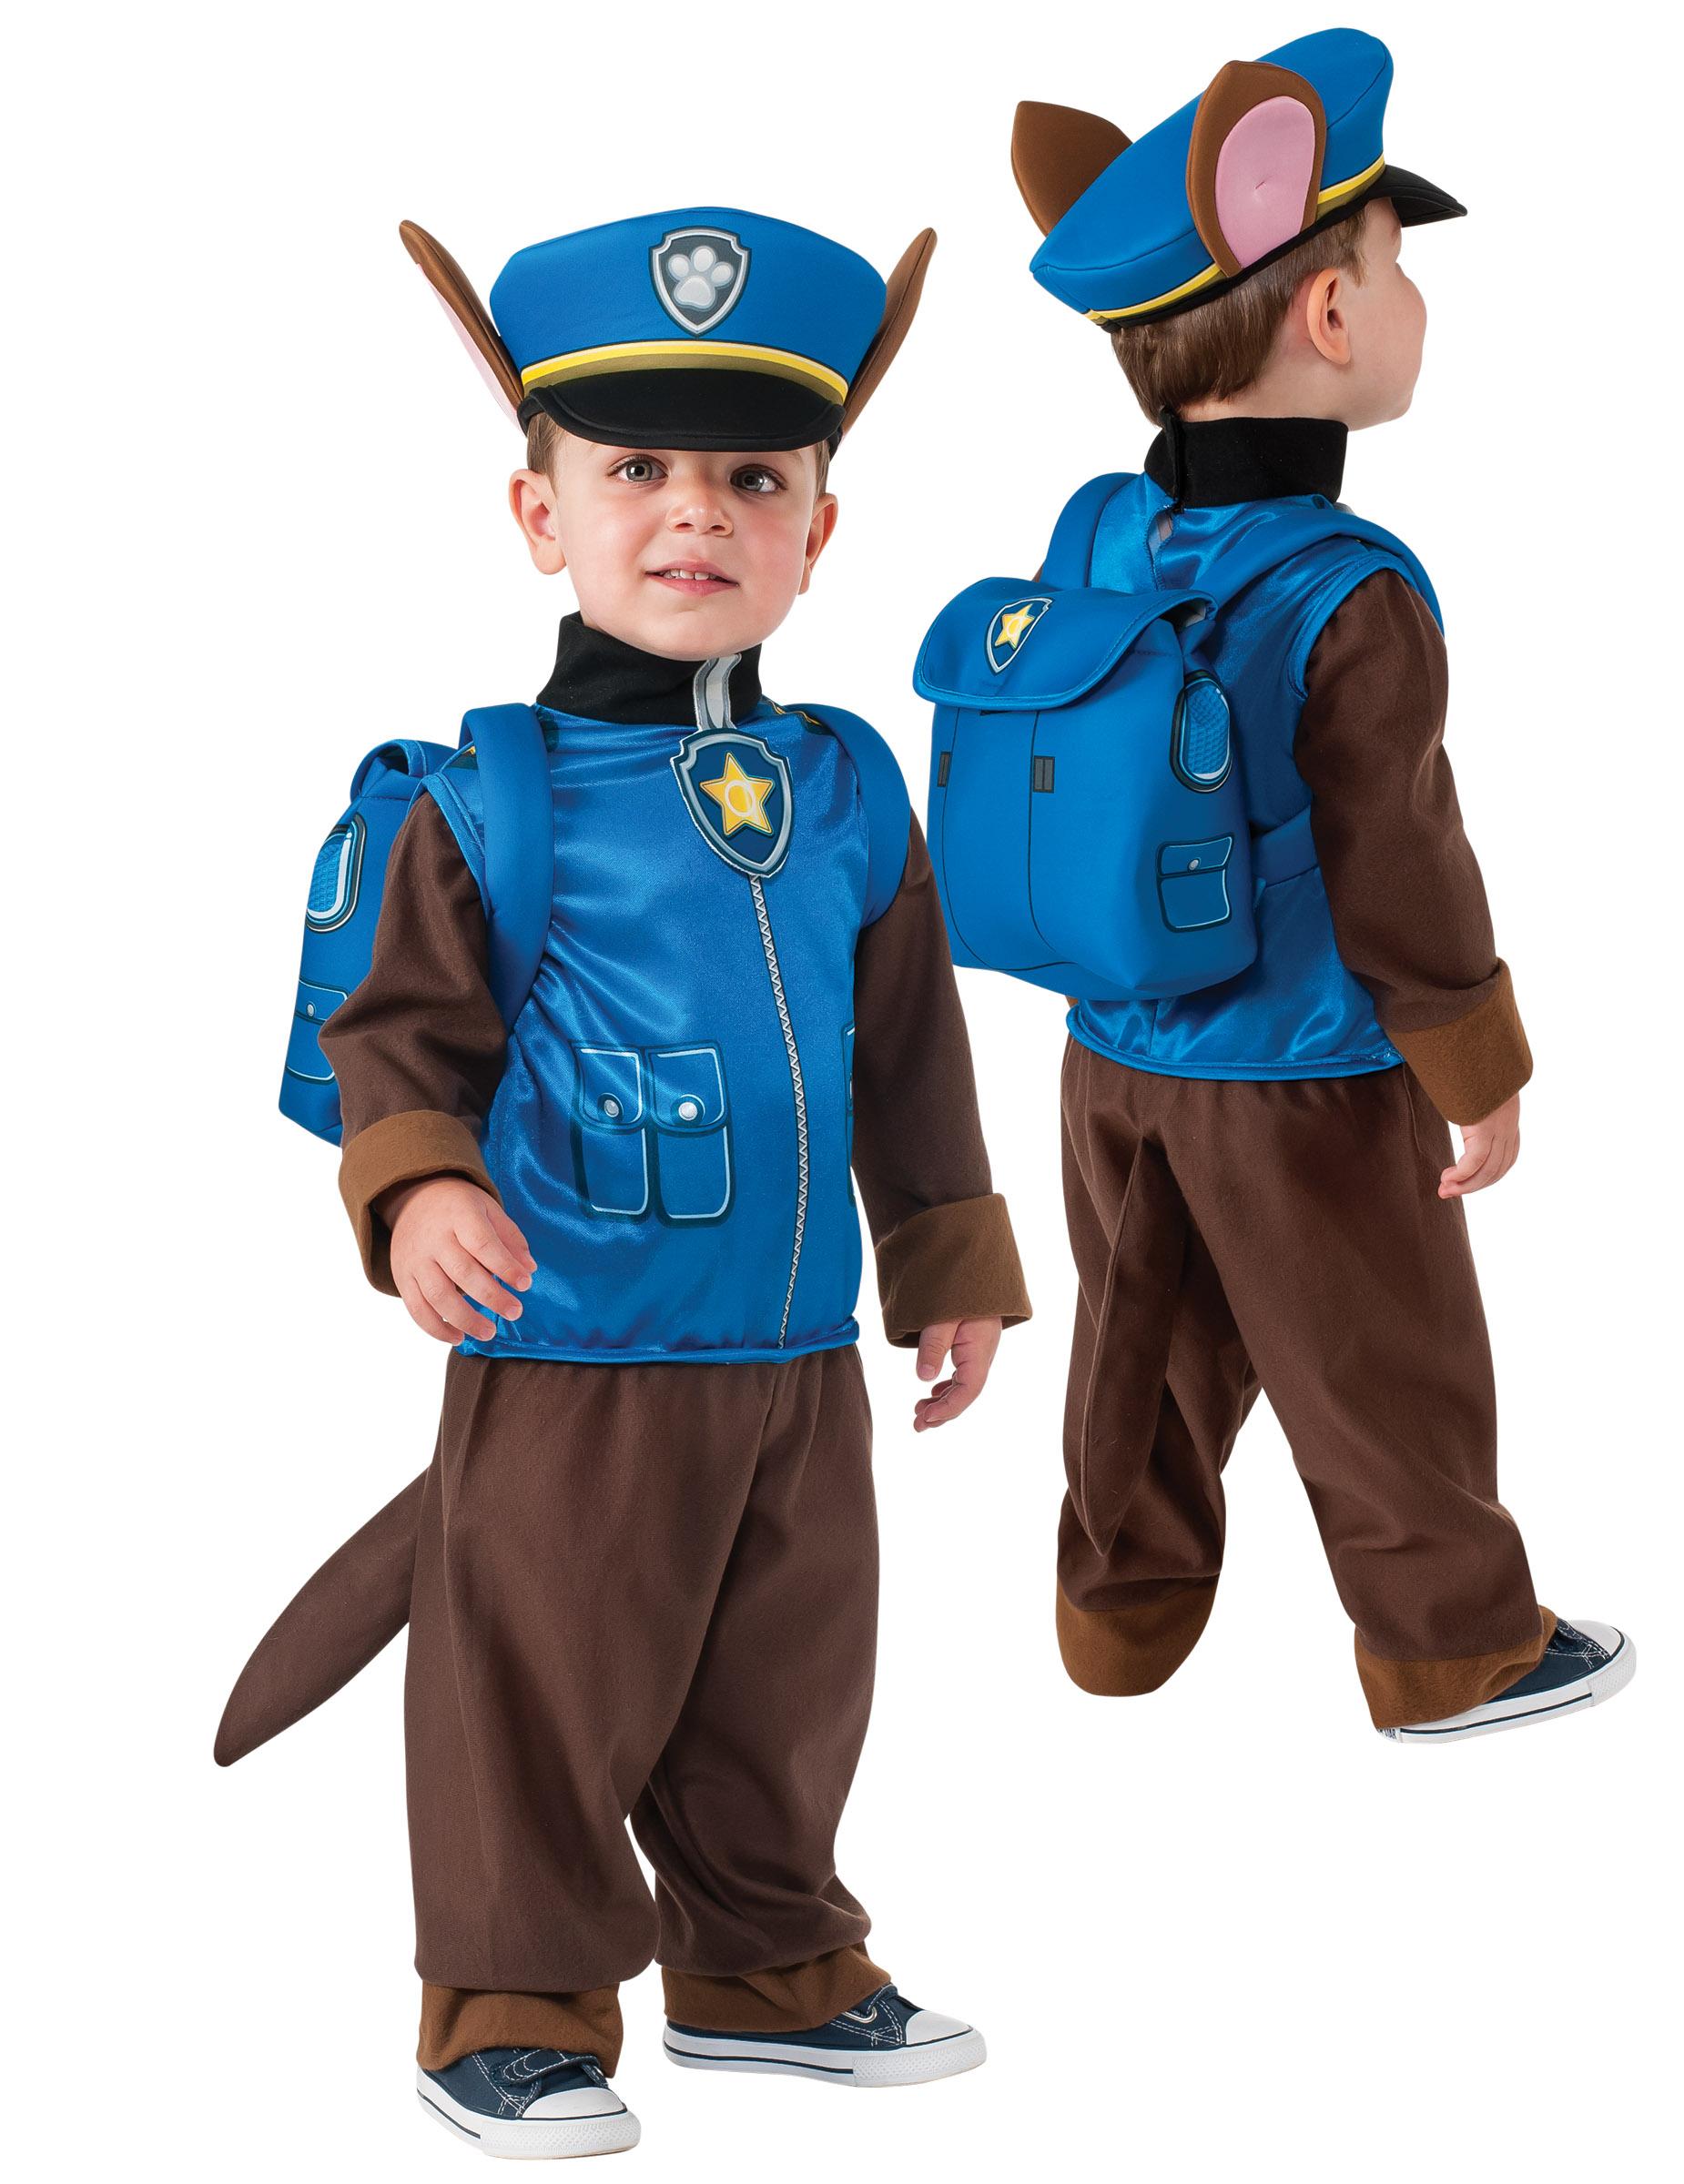 Kinder Polizisten Kostum Chase Aus Paw Patrol Blau Gunstige